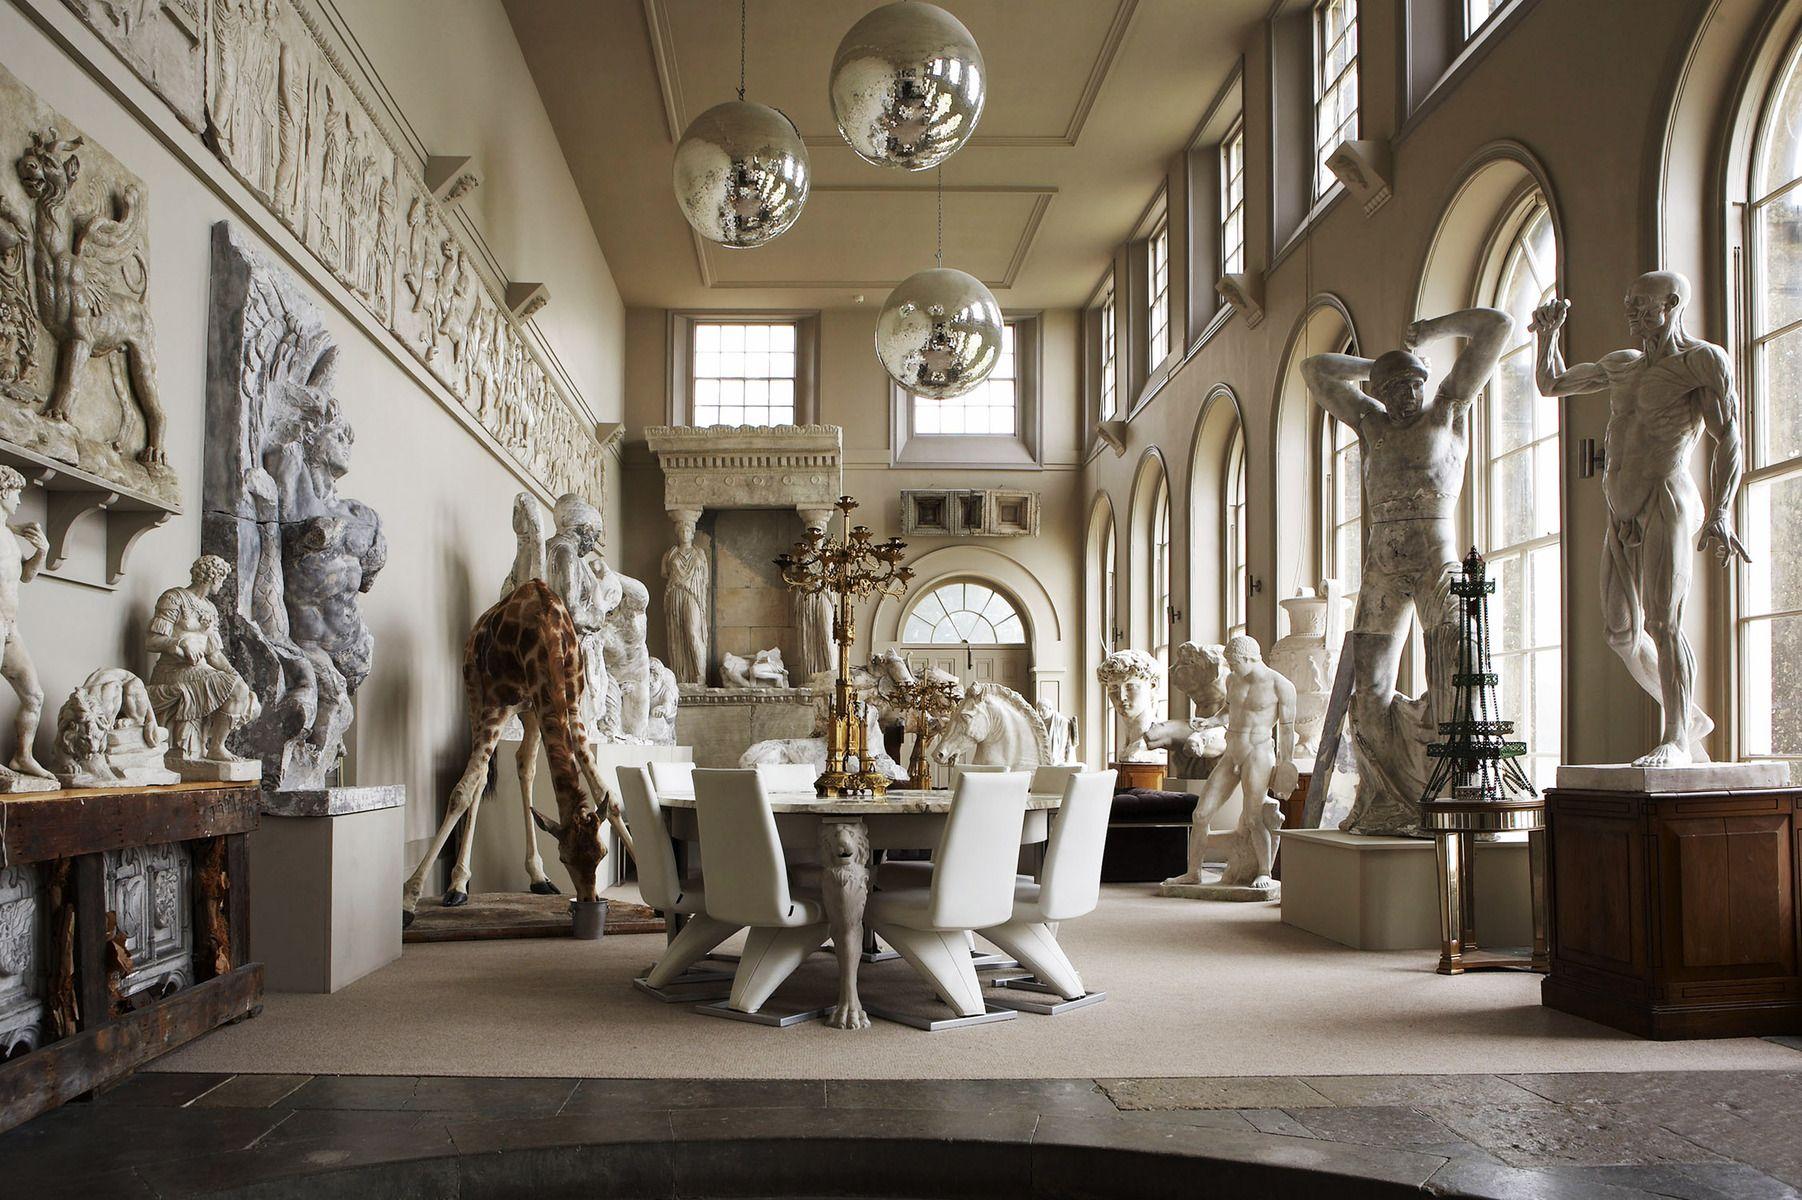 Zsazsa bellagio interior glam art i like pinterest interiors